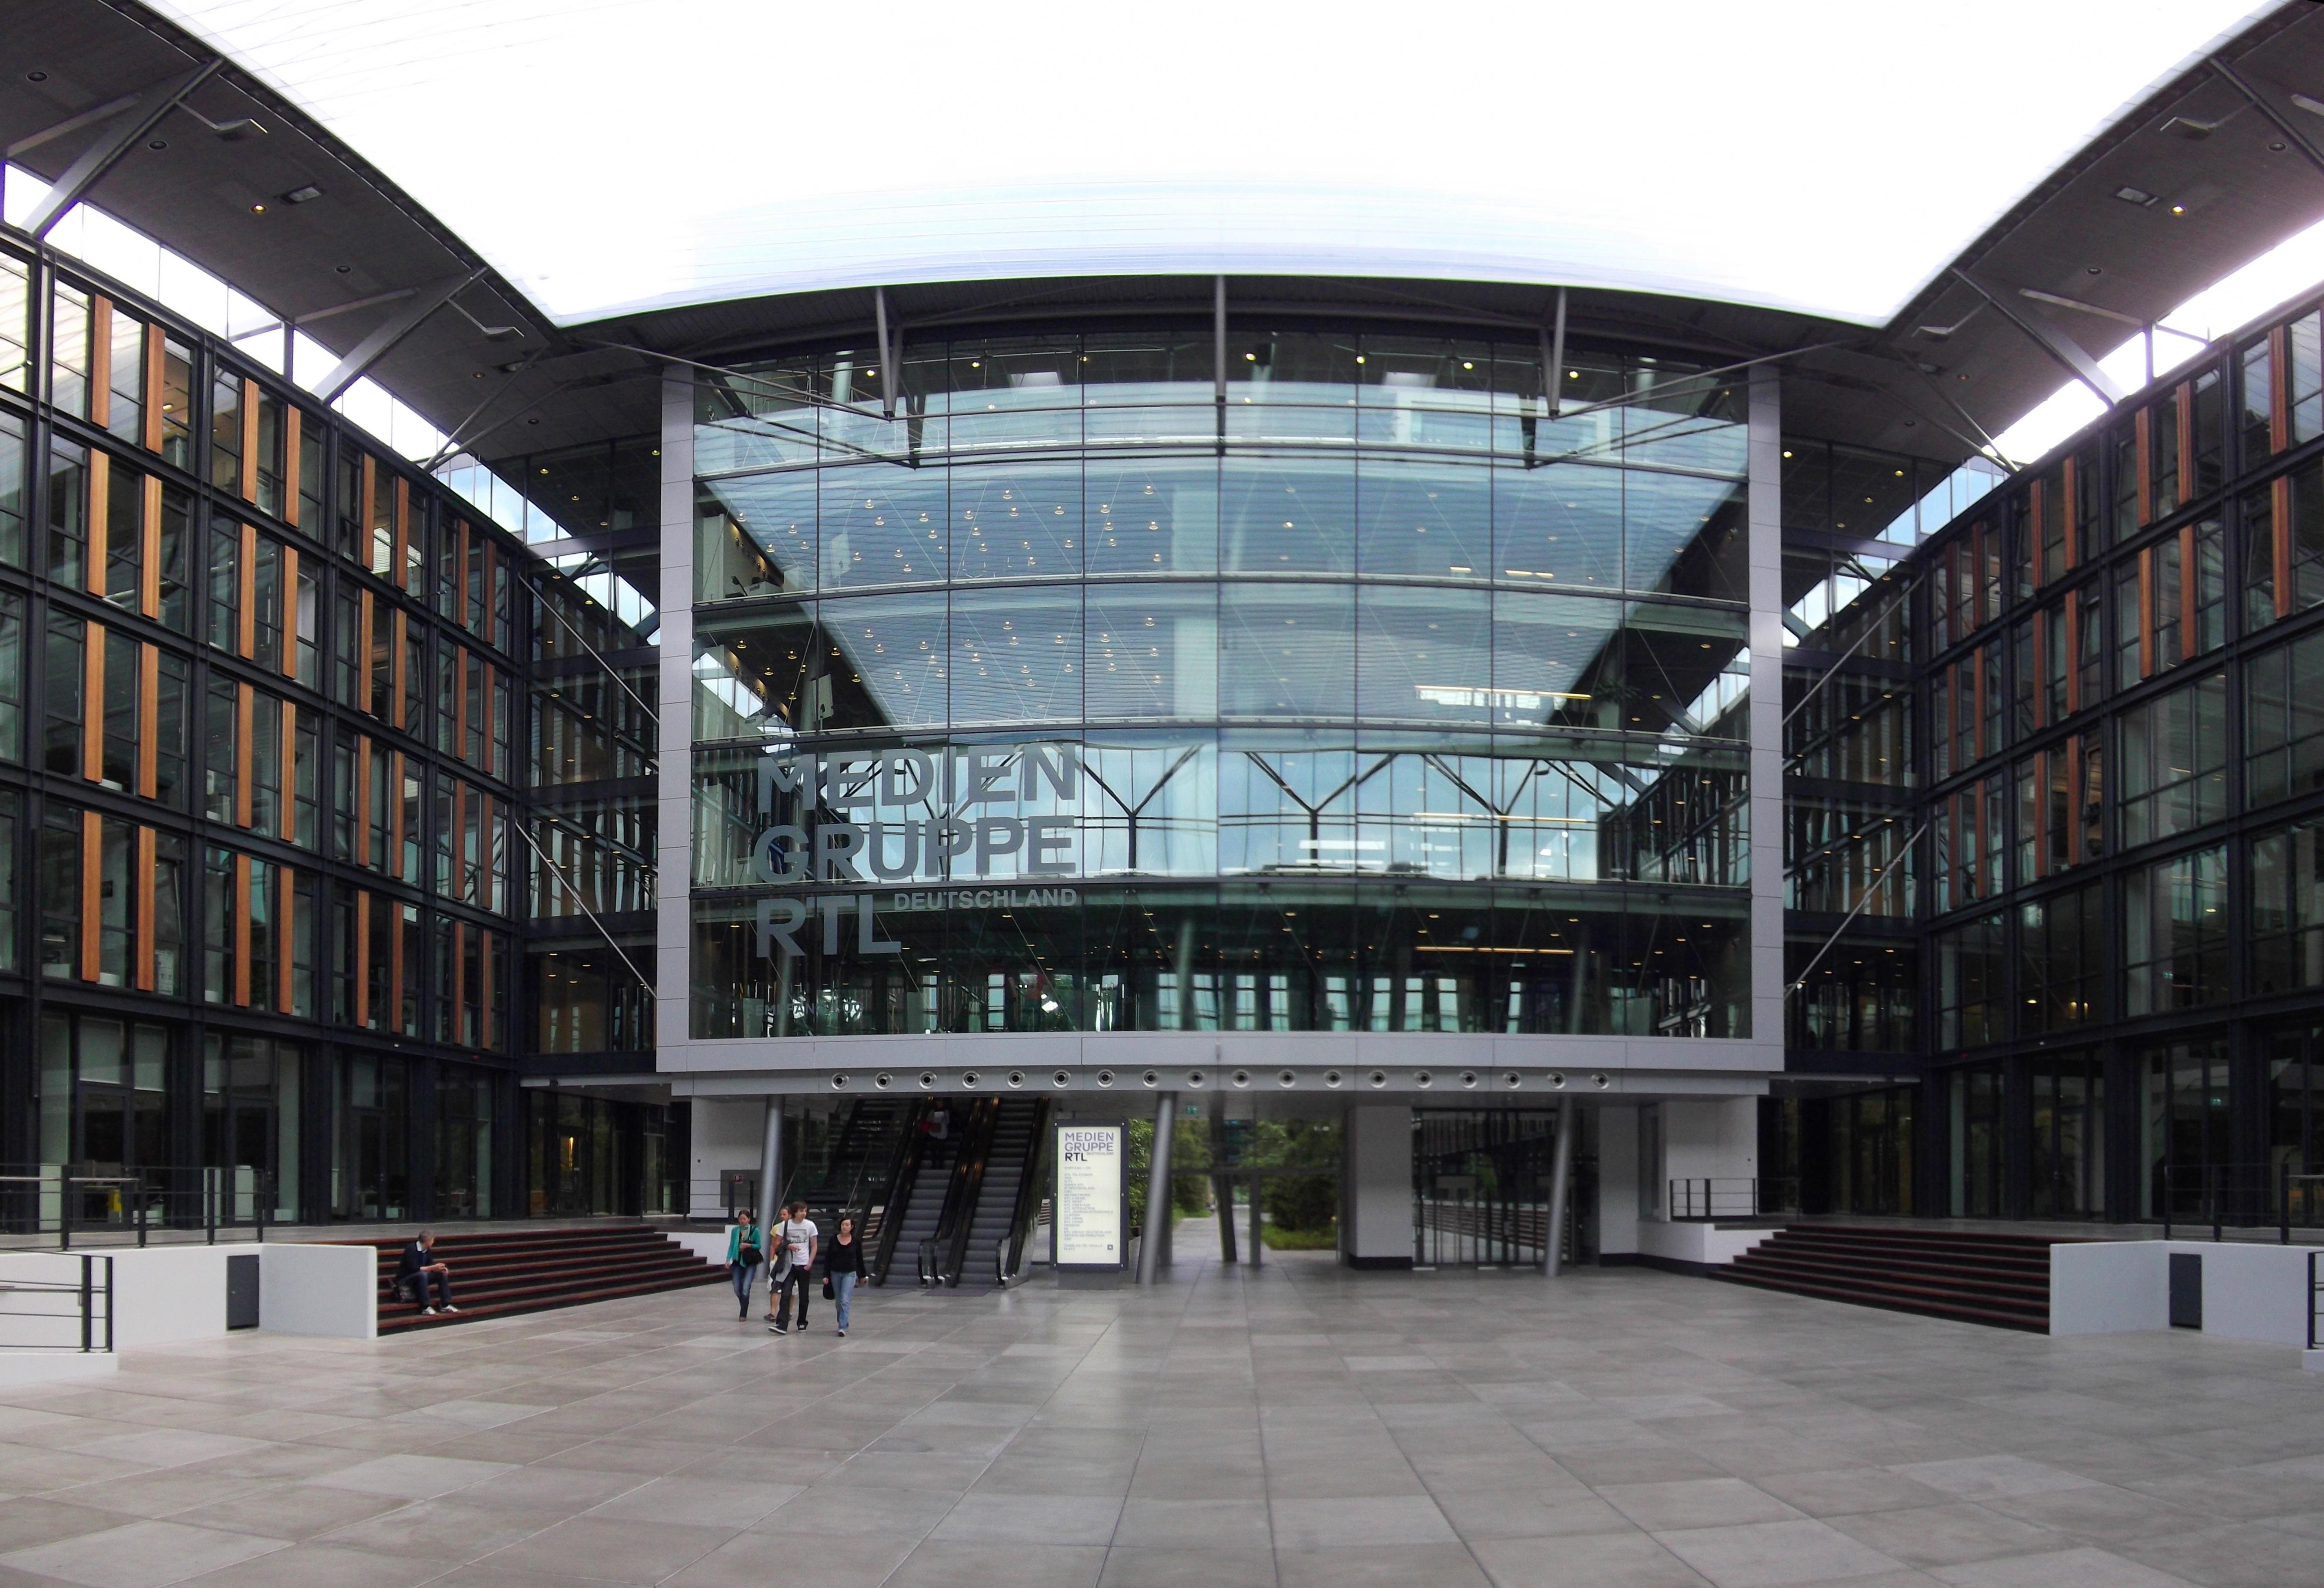 Köln Rtl